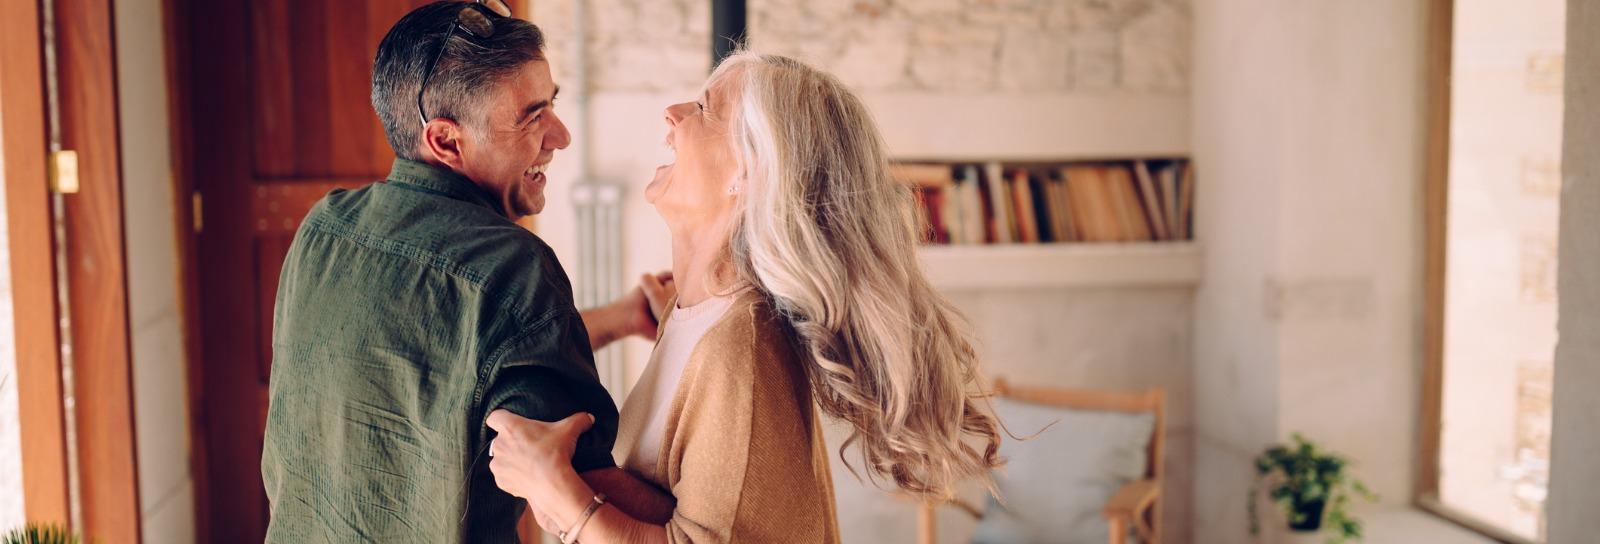 Senior couple dancing merrily